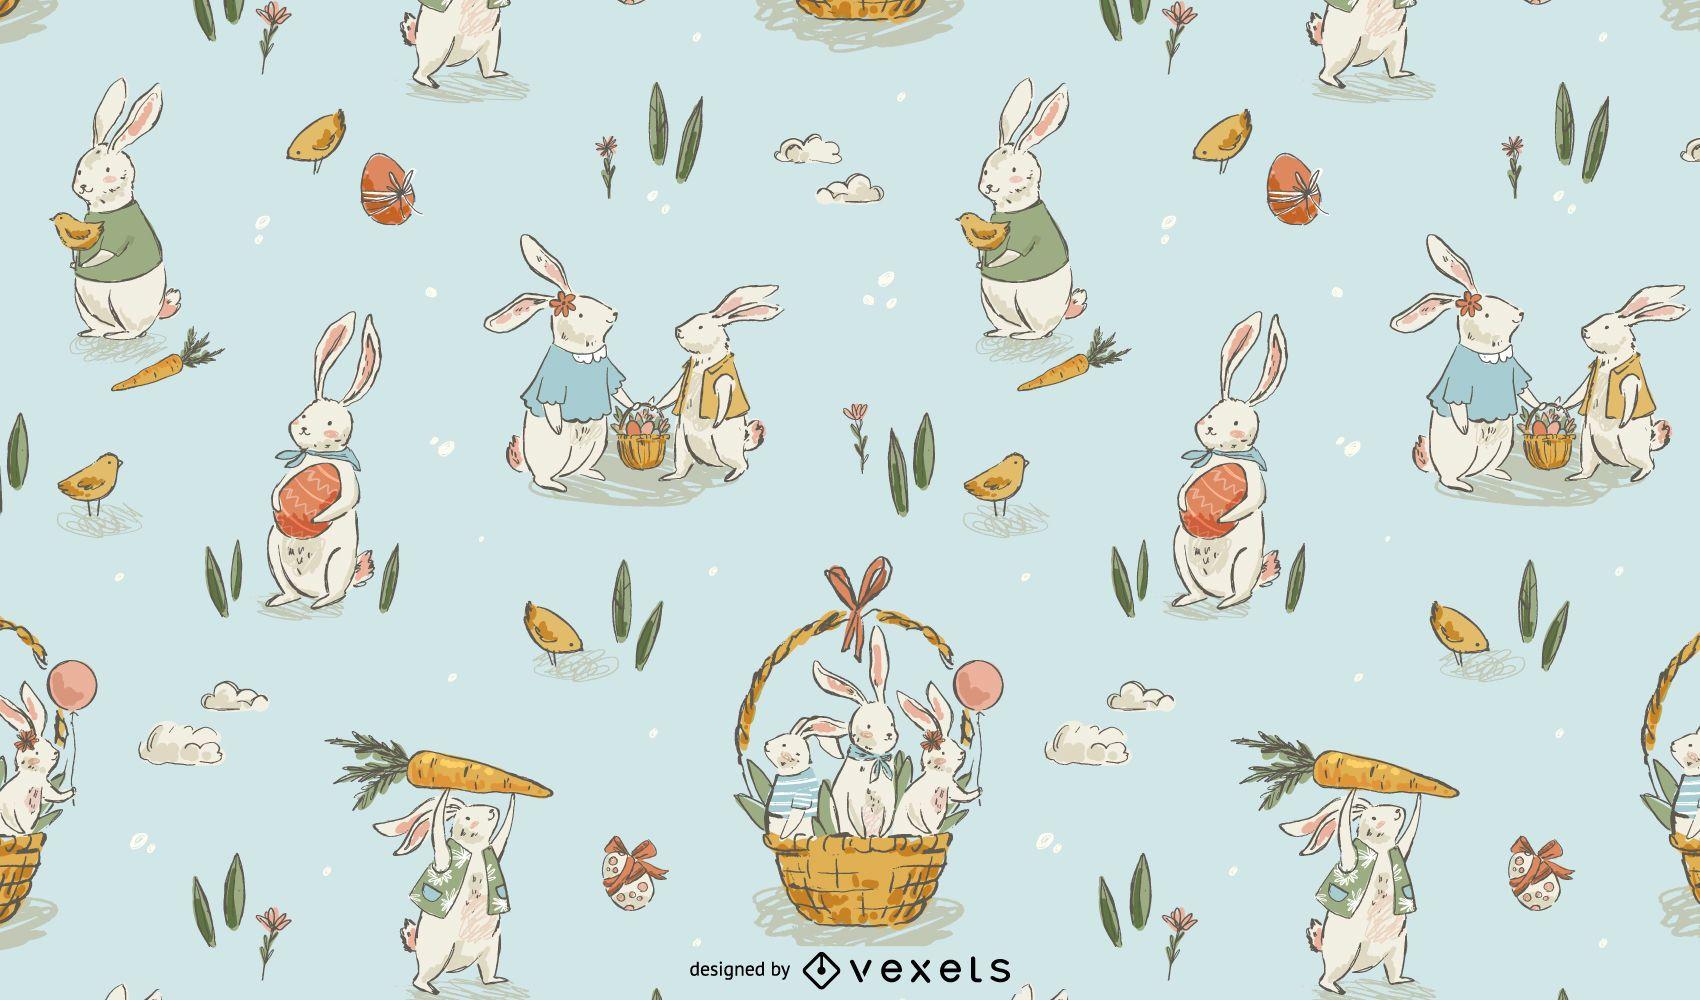 Diseño de patrón dibujado a mano de Pascua